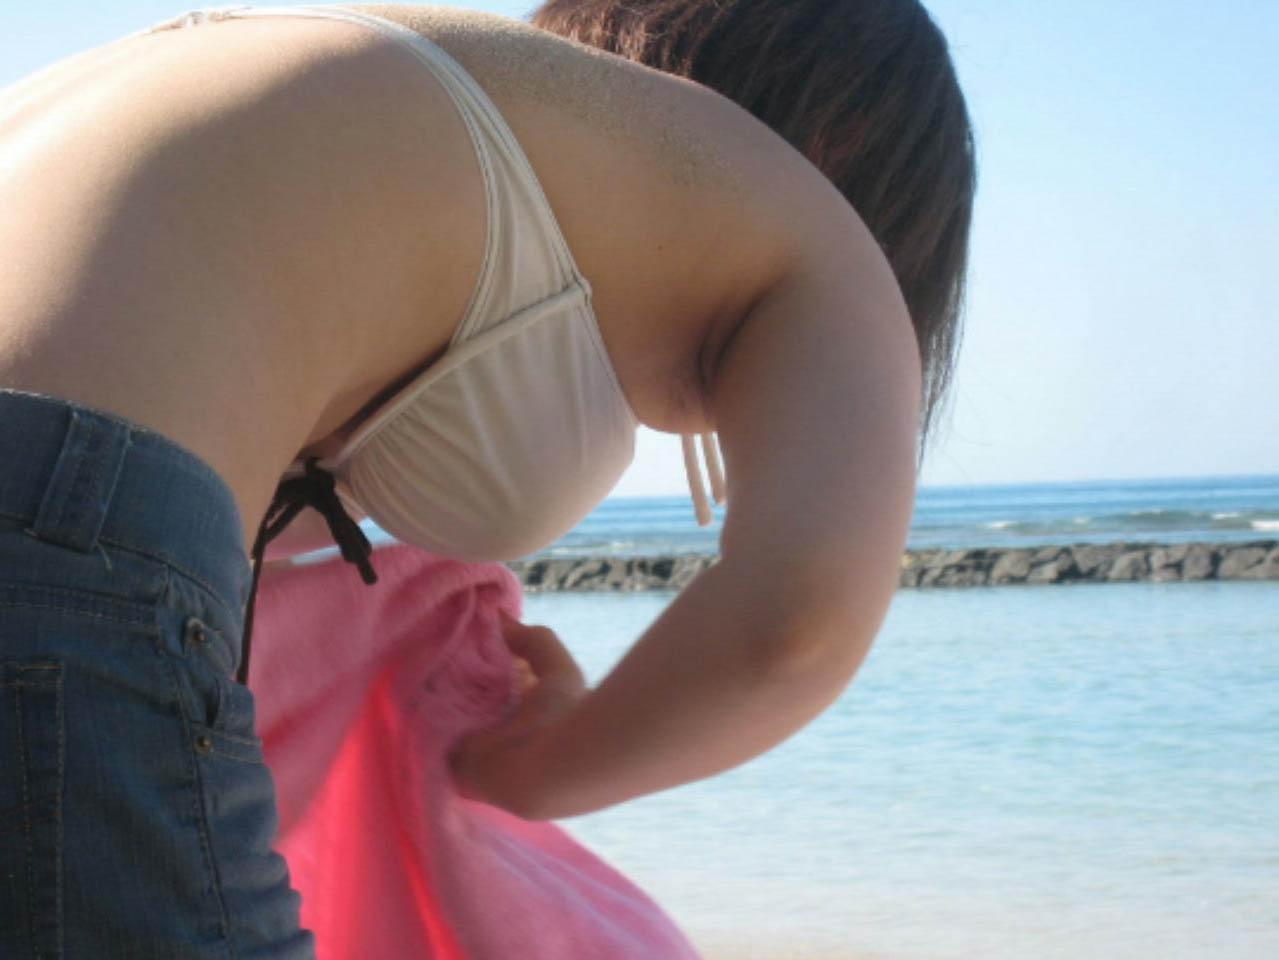 【水着エロ画像】夏に年中期待するのはビキニ乳はいつでも良いモノだからです!(;´∀`)